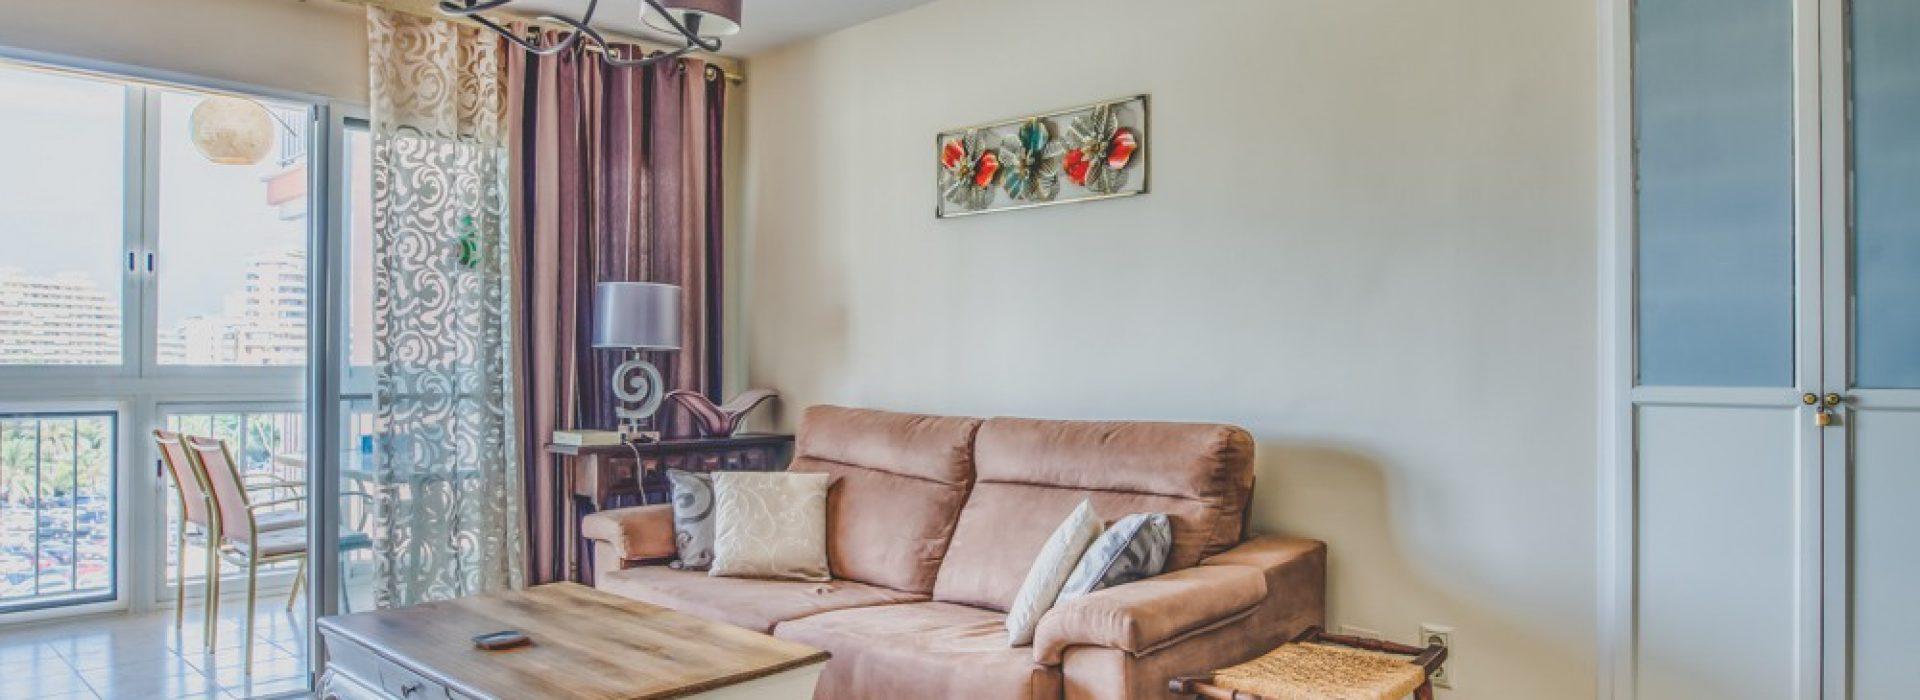 piekny-apartament-z-widokiem-na-jezioro-i-morze-w-calpe-4-24138